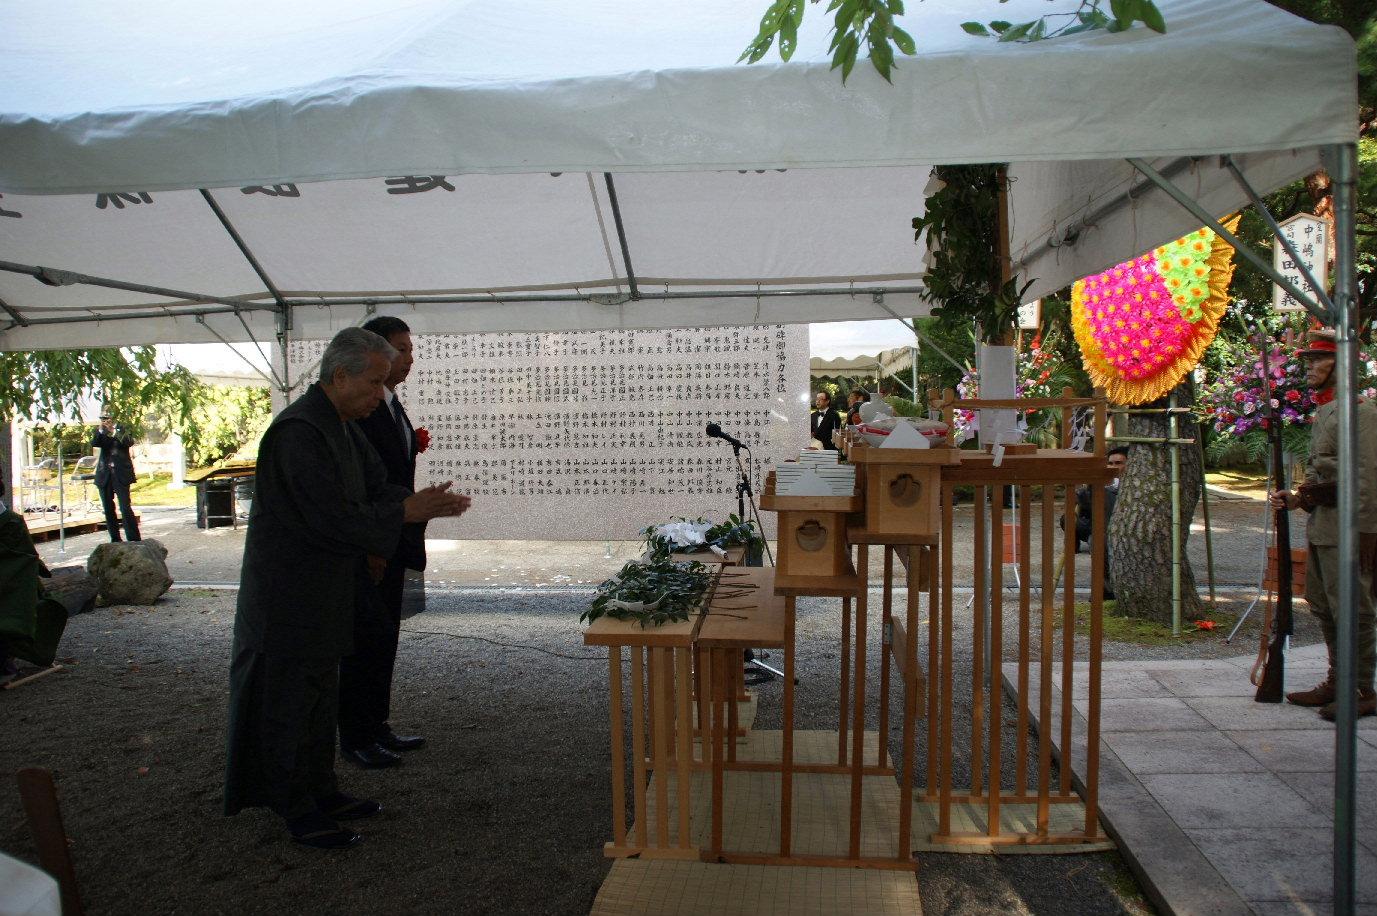 十月十一日 大東亞聖戰大碑建立十周年 副碑落慶記念式典參列 於石川縣護國神社_a0165993_510073.jpg